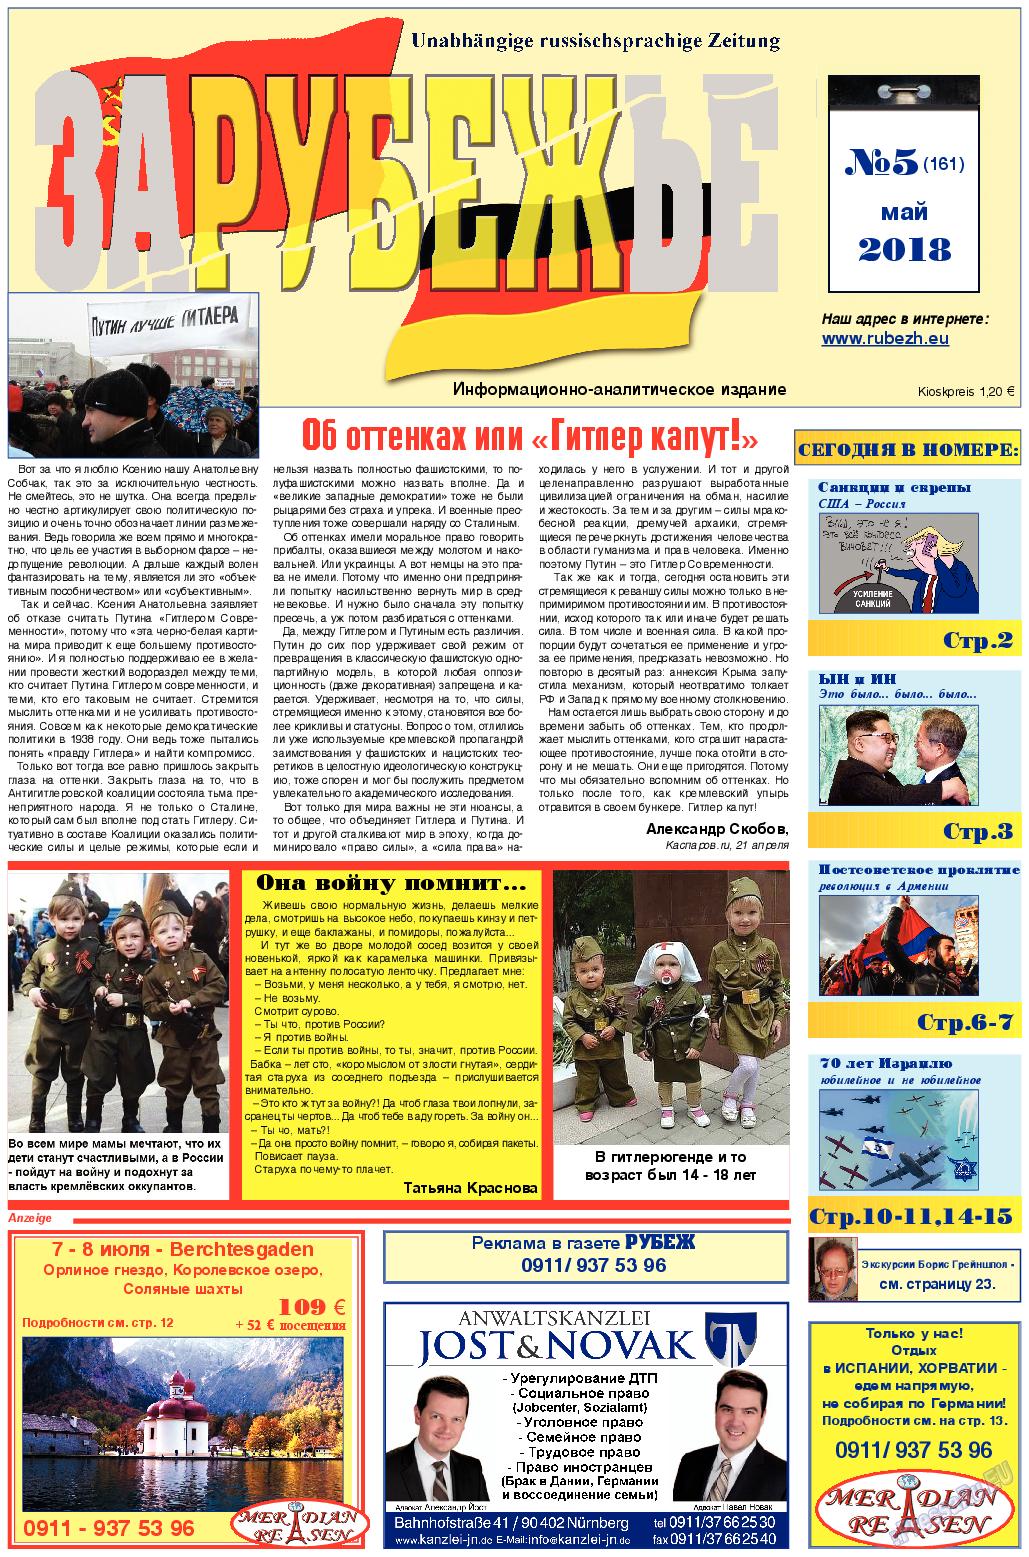 Бесплатная реклама на сайтах герма росситер дж.р.перси л.реклама и продвижение товаров скачать